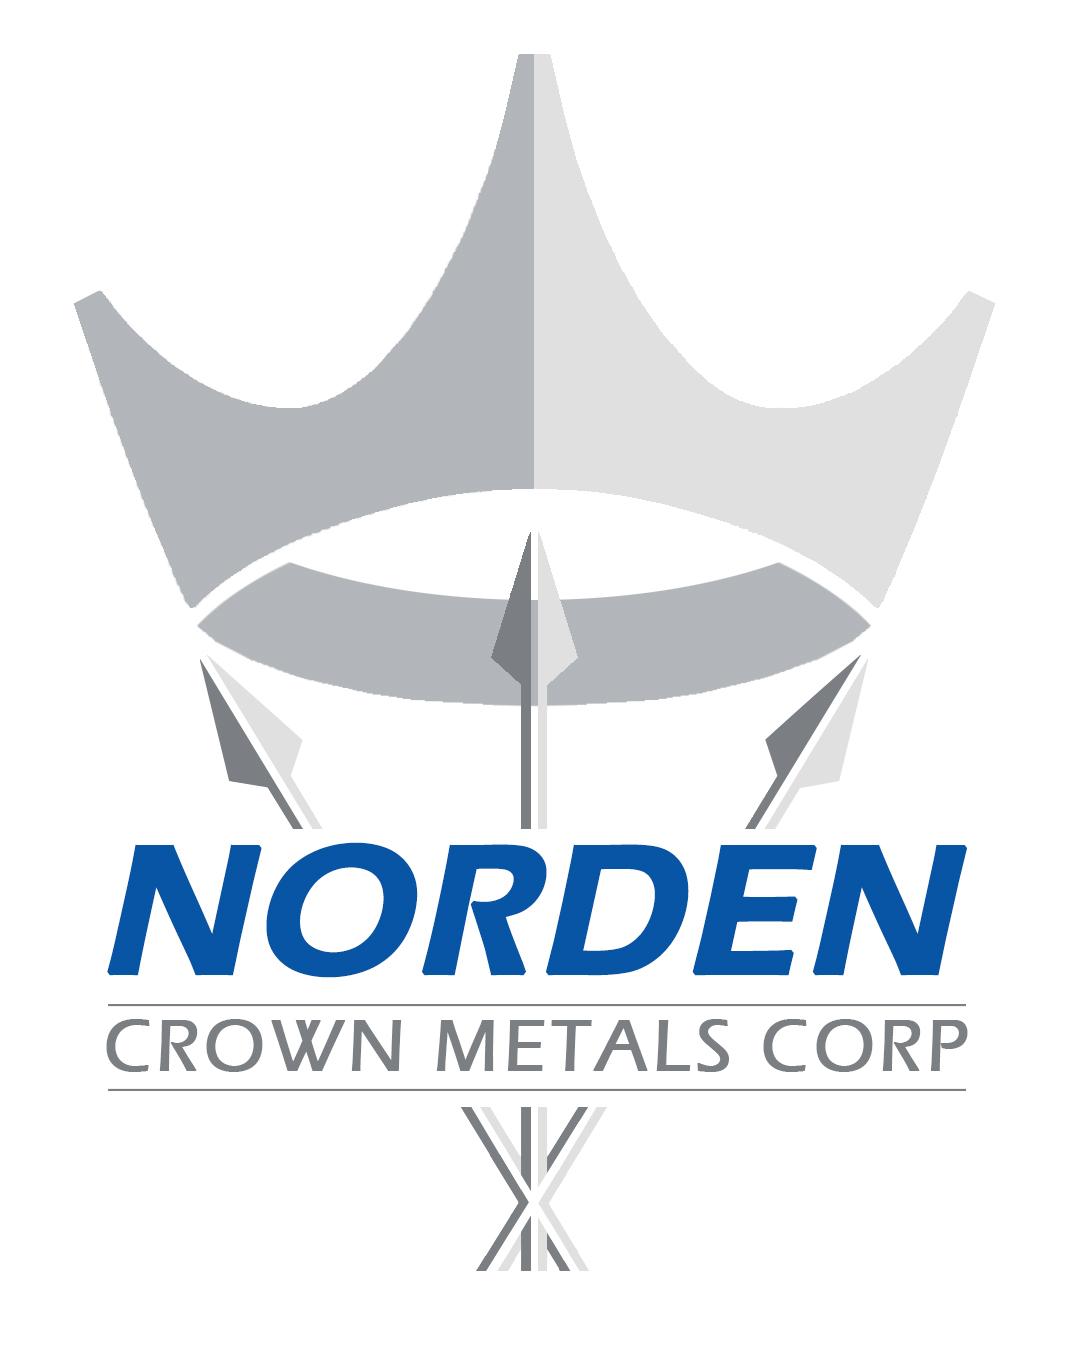 Norden Crown Metals Corp.